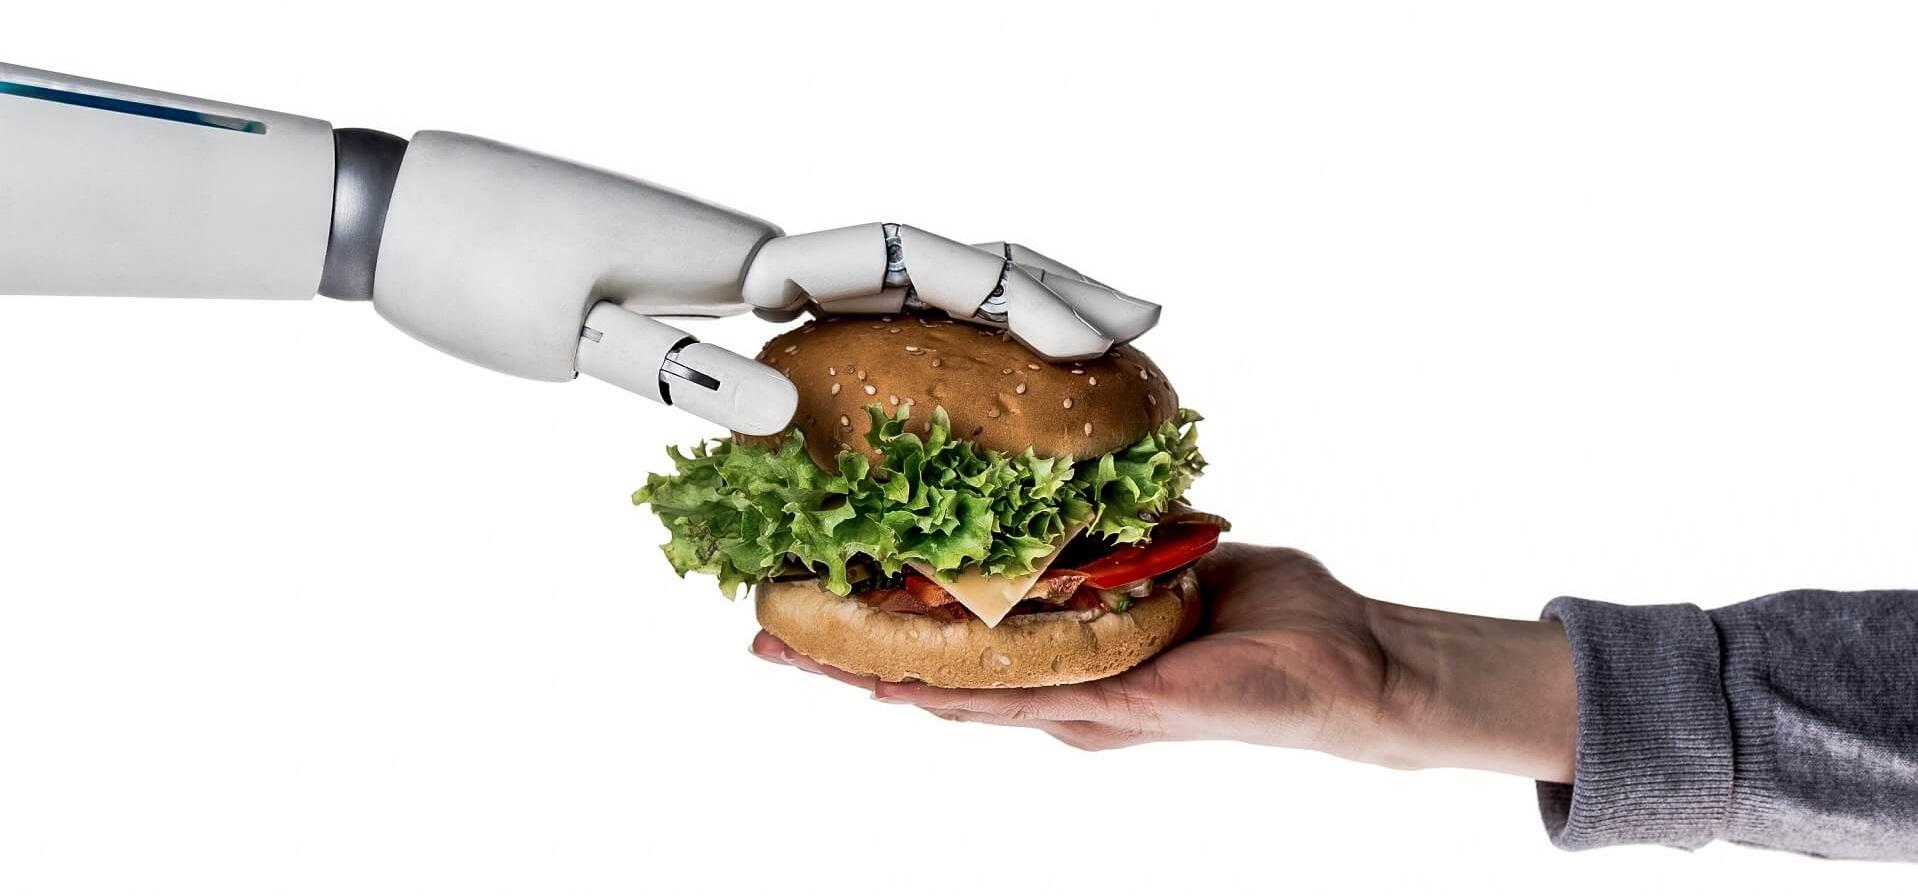 Welche Innovationen und Trends werden die Zukunft der Gastroküche prägen?